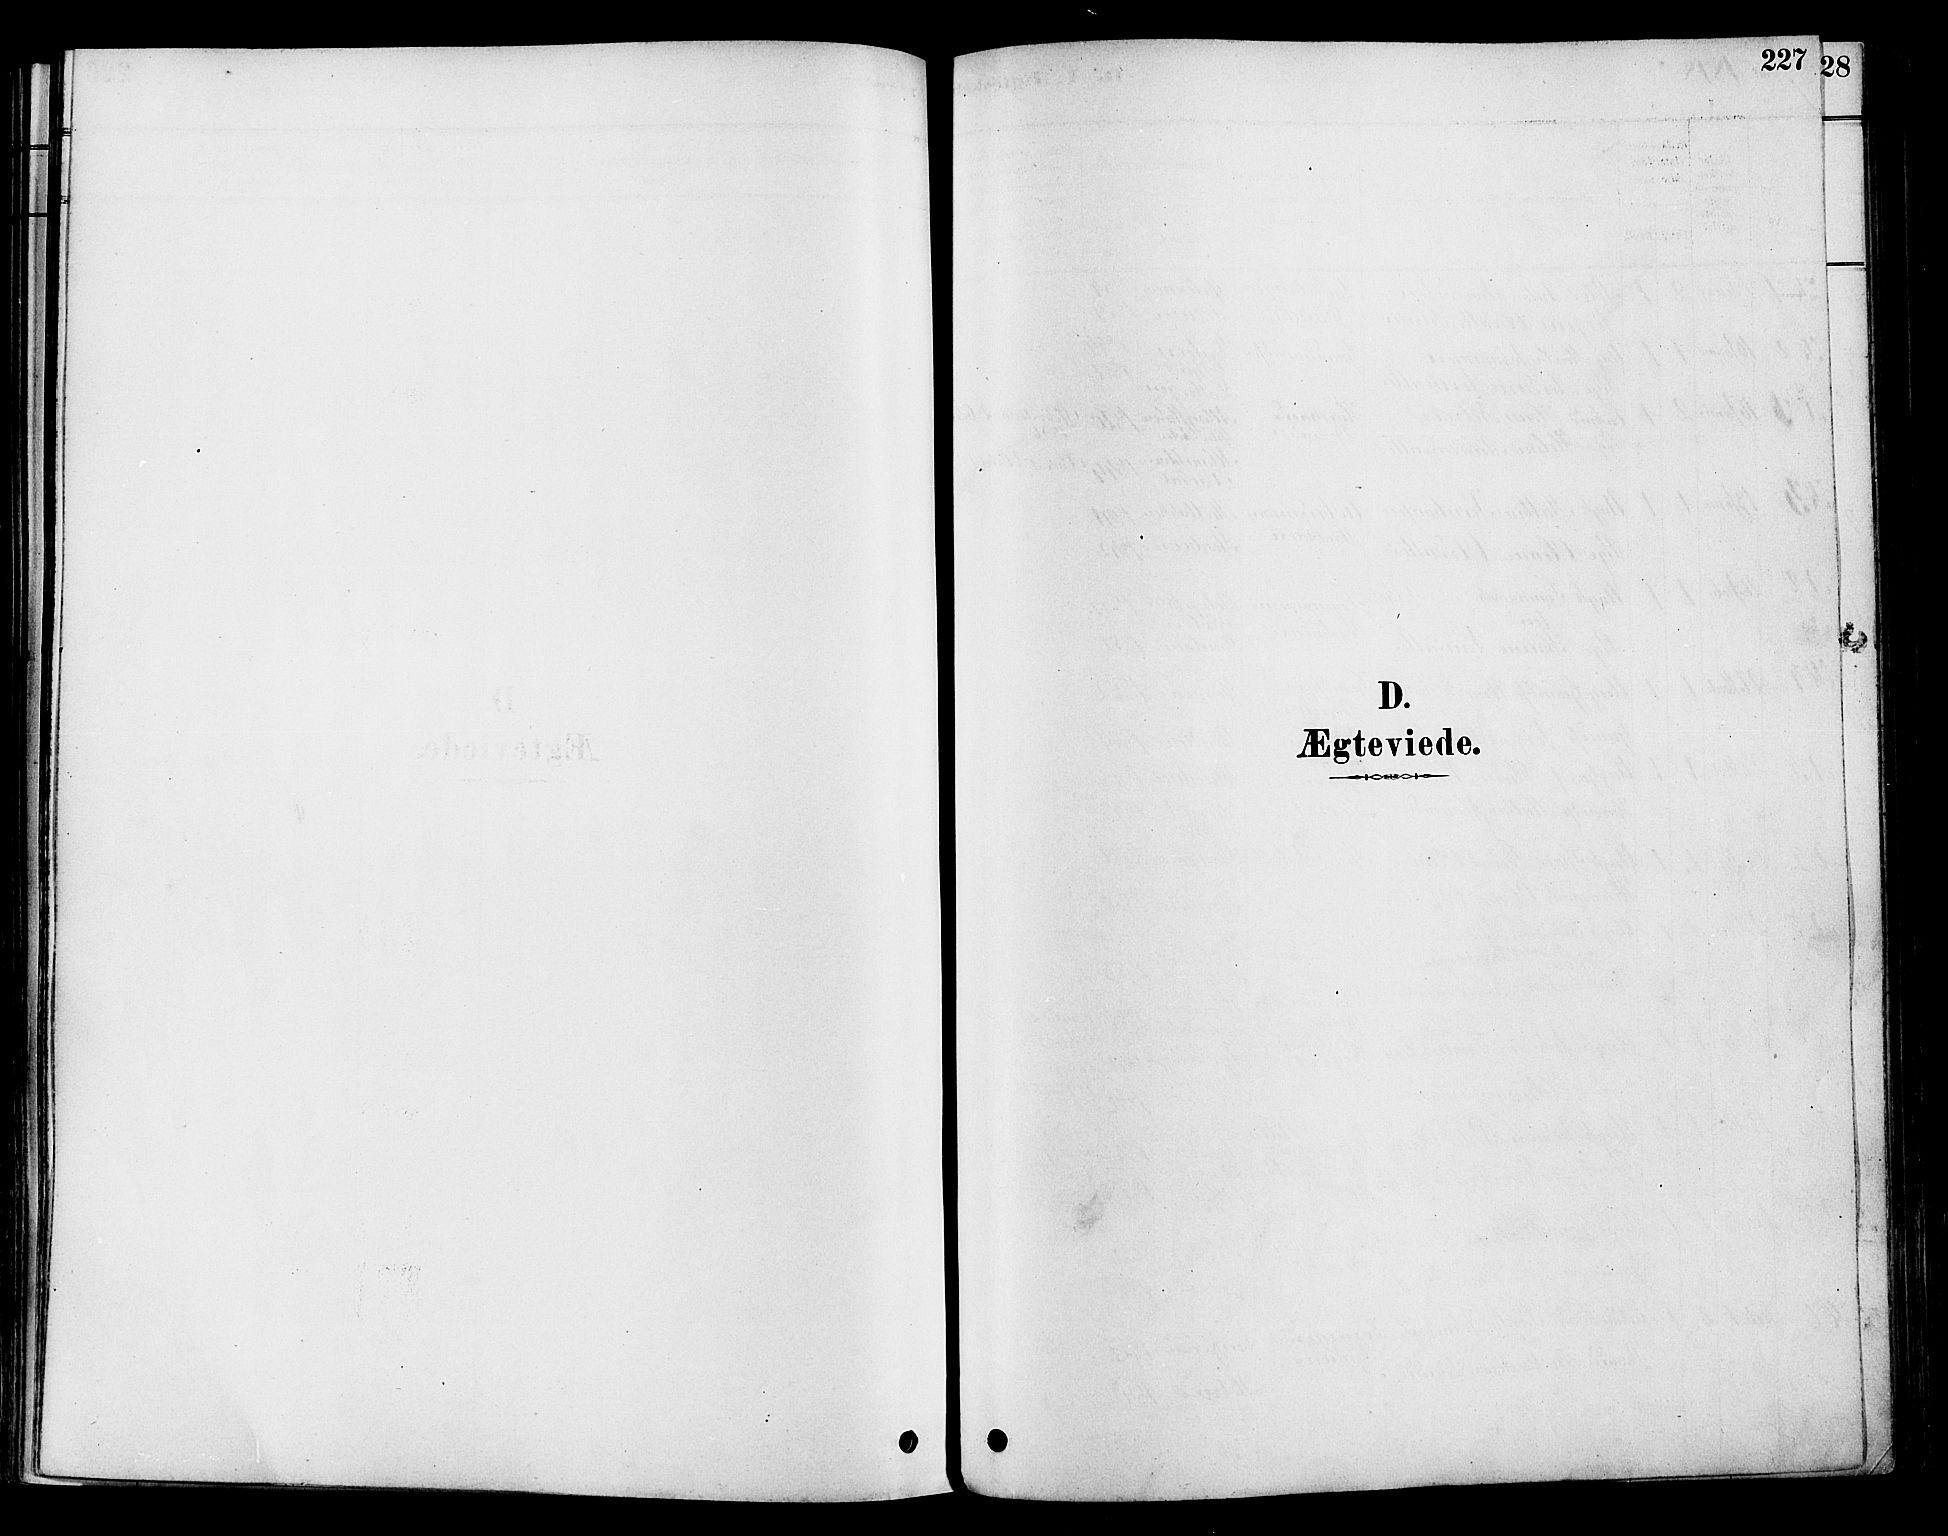 SAH, Vestre Toten prestekontor, Ministerialbok nr. 9, 1878-1894, s. 227